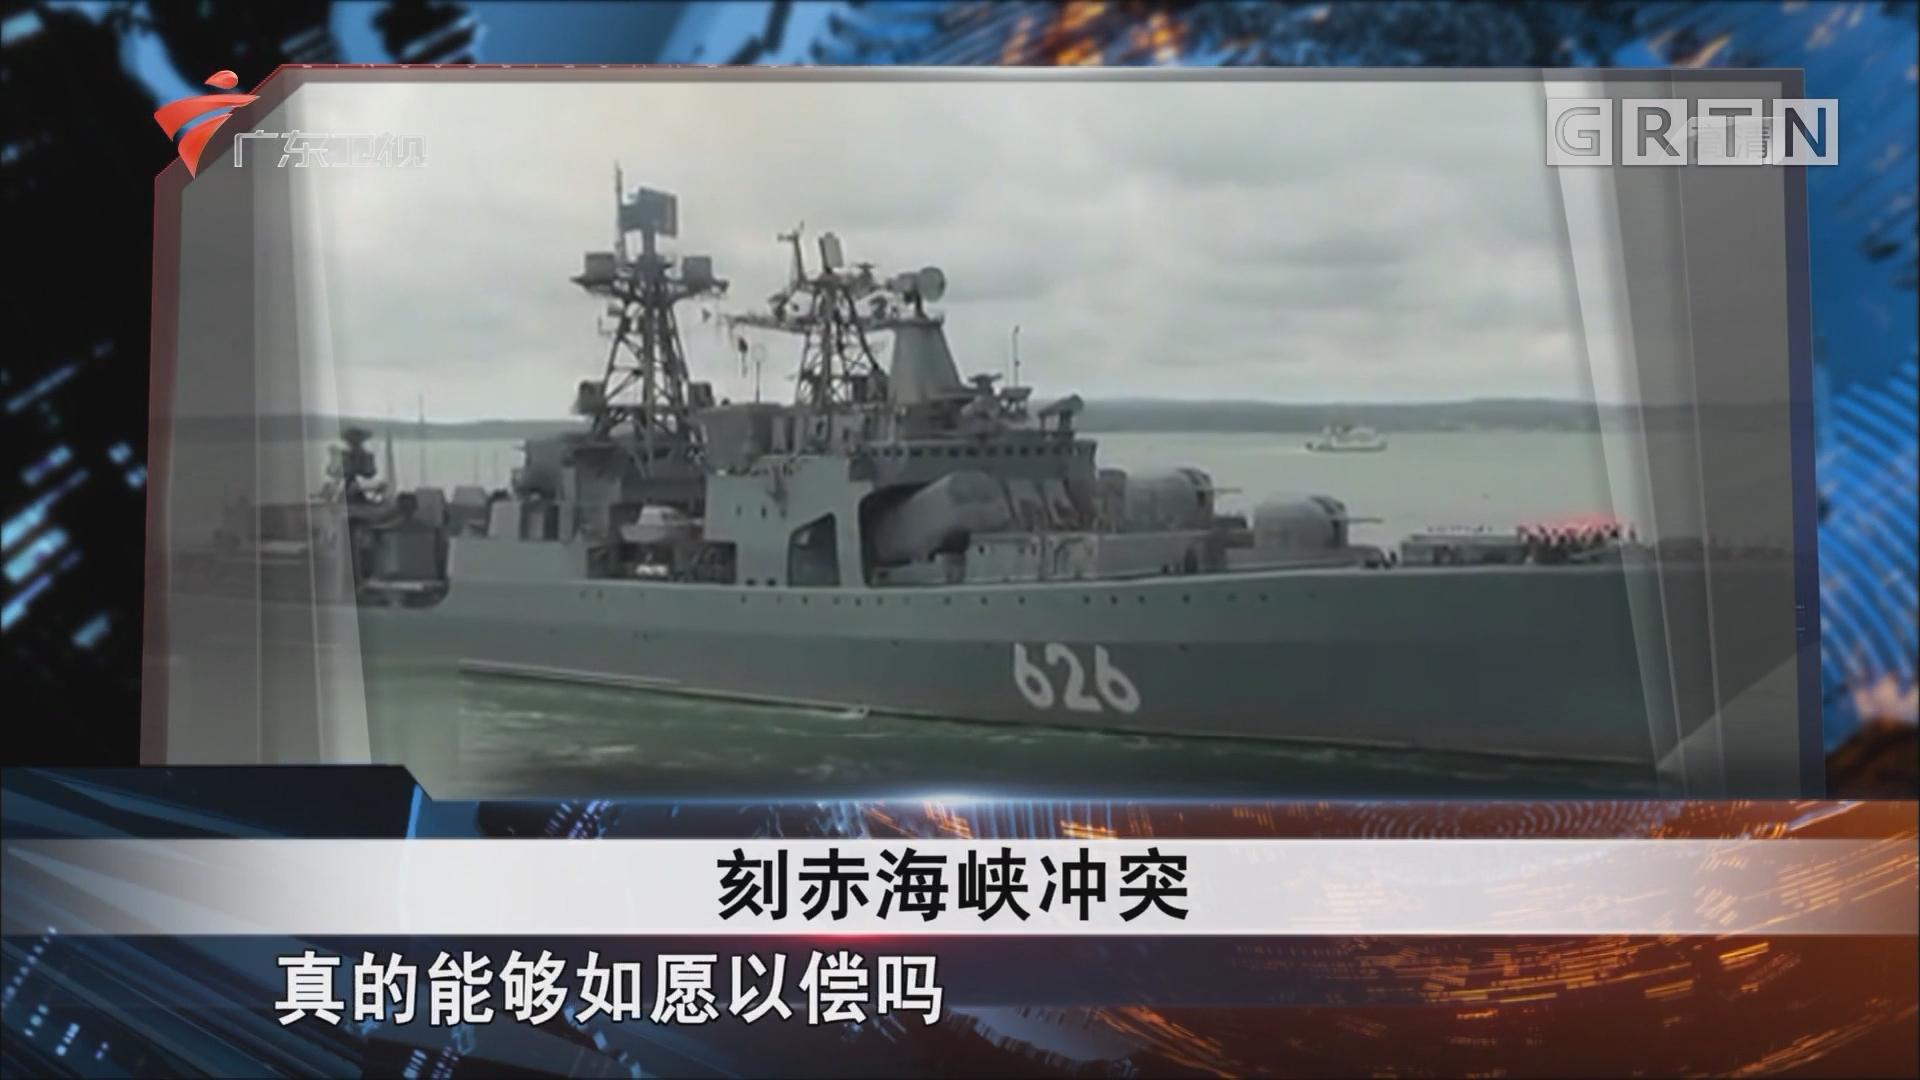 [HD][2018-12-09]全球零距离:刻赤海峡冲突